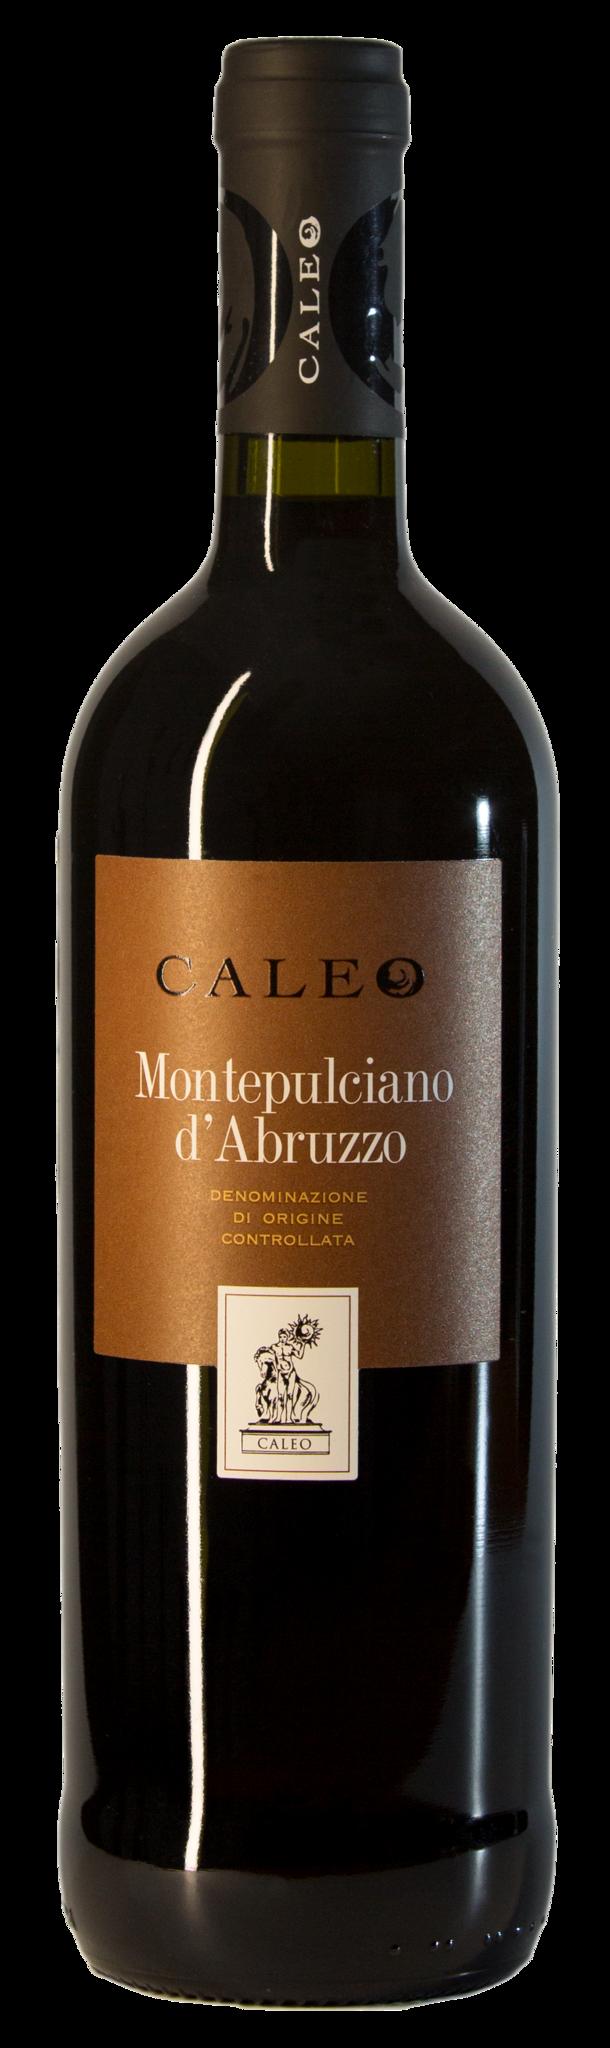 Montepulciano d'Abruzzo DOC Caleo